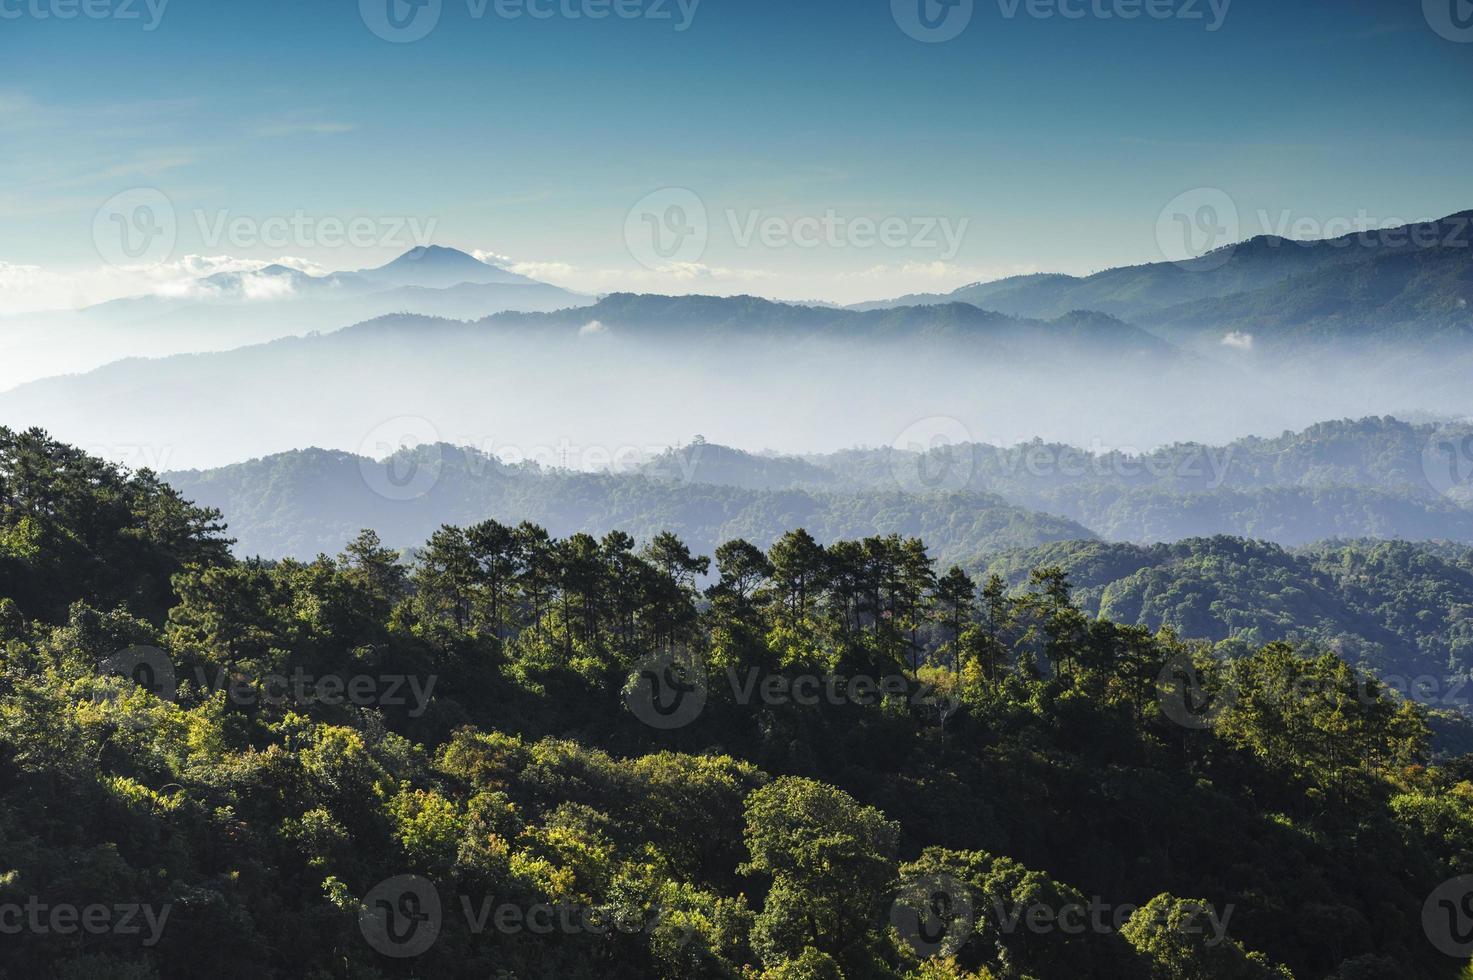 Moning Blick auf Berge und Dschungel foto